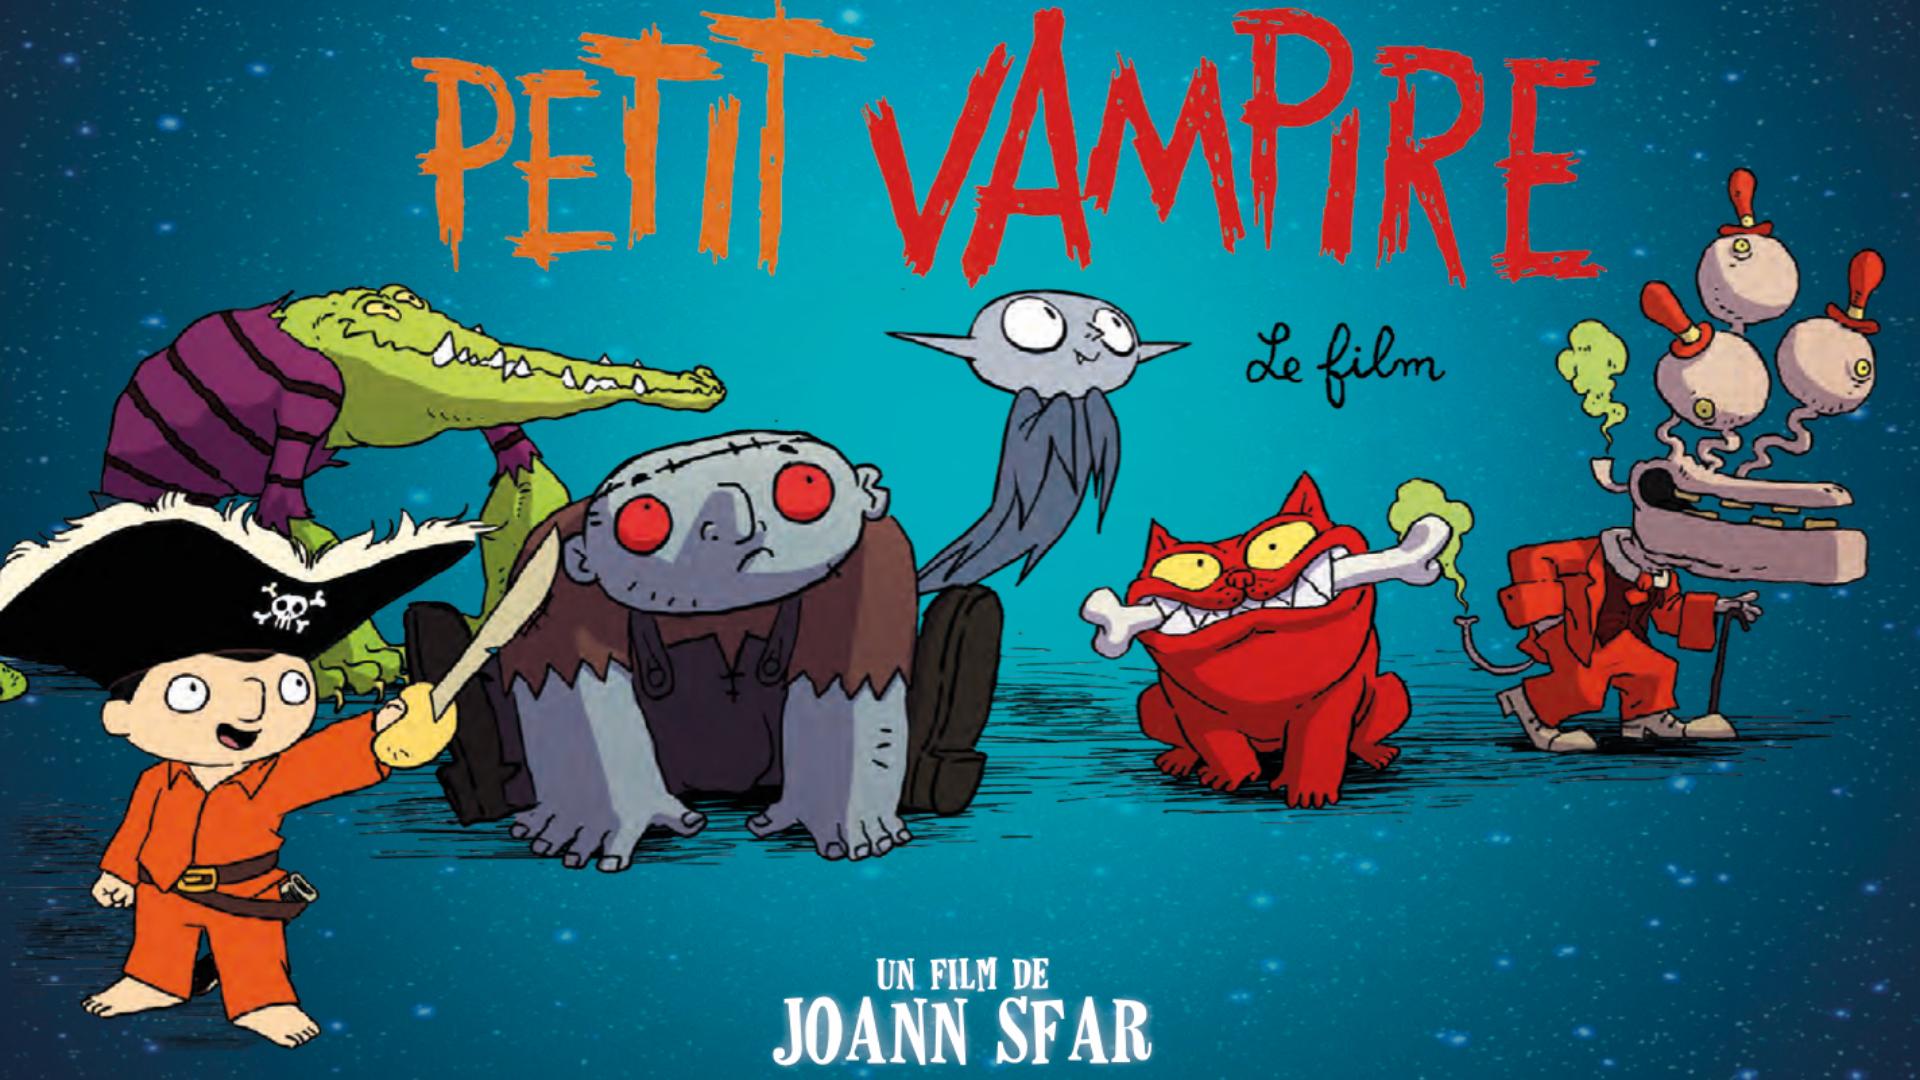 Petit-Vampire ©La Cie Cinématographique - Studio Canal